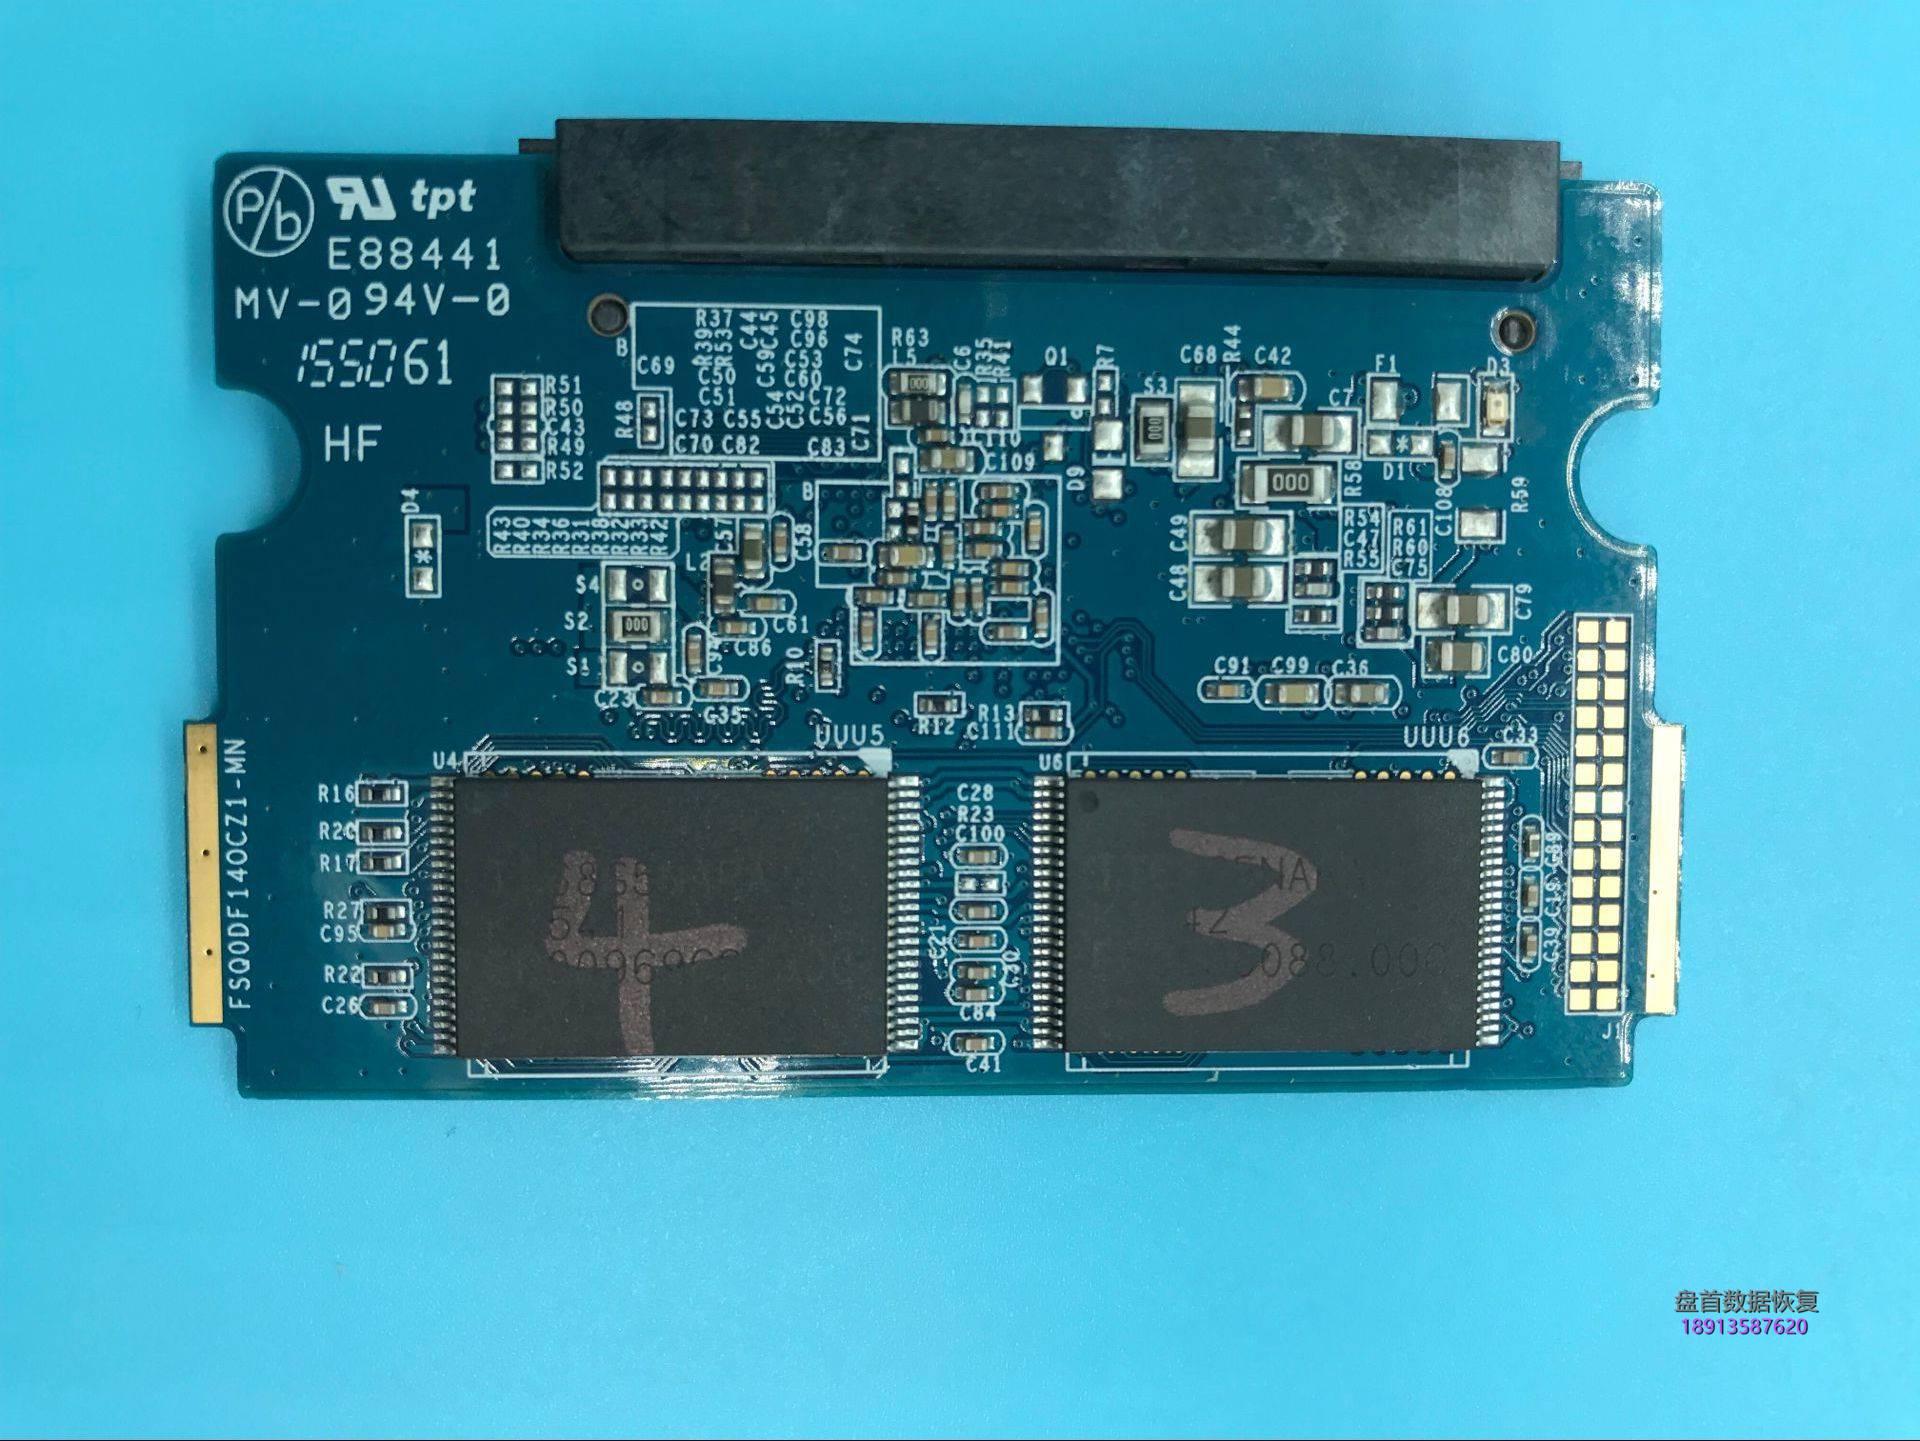 5459C0C9ED7B1EF79C88FF33ED574624 二次恢复影驰120G固态硬盘主控PS3109芯片级数据恢复成功